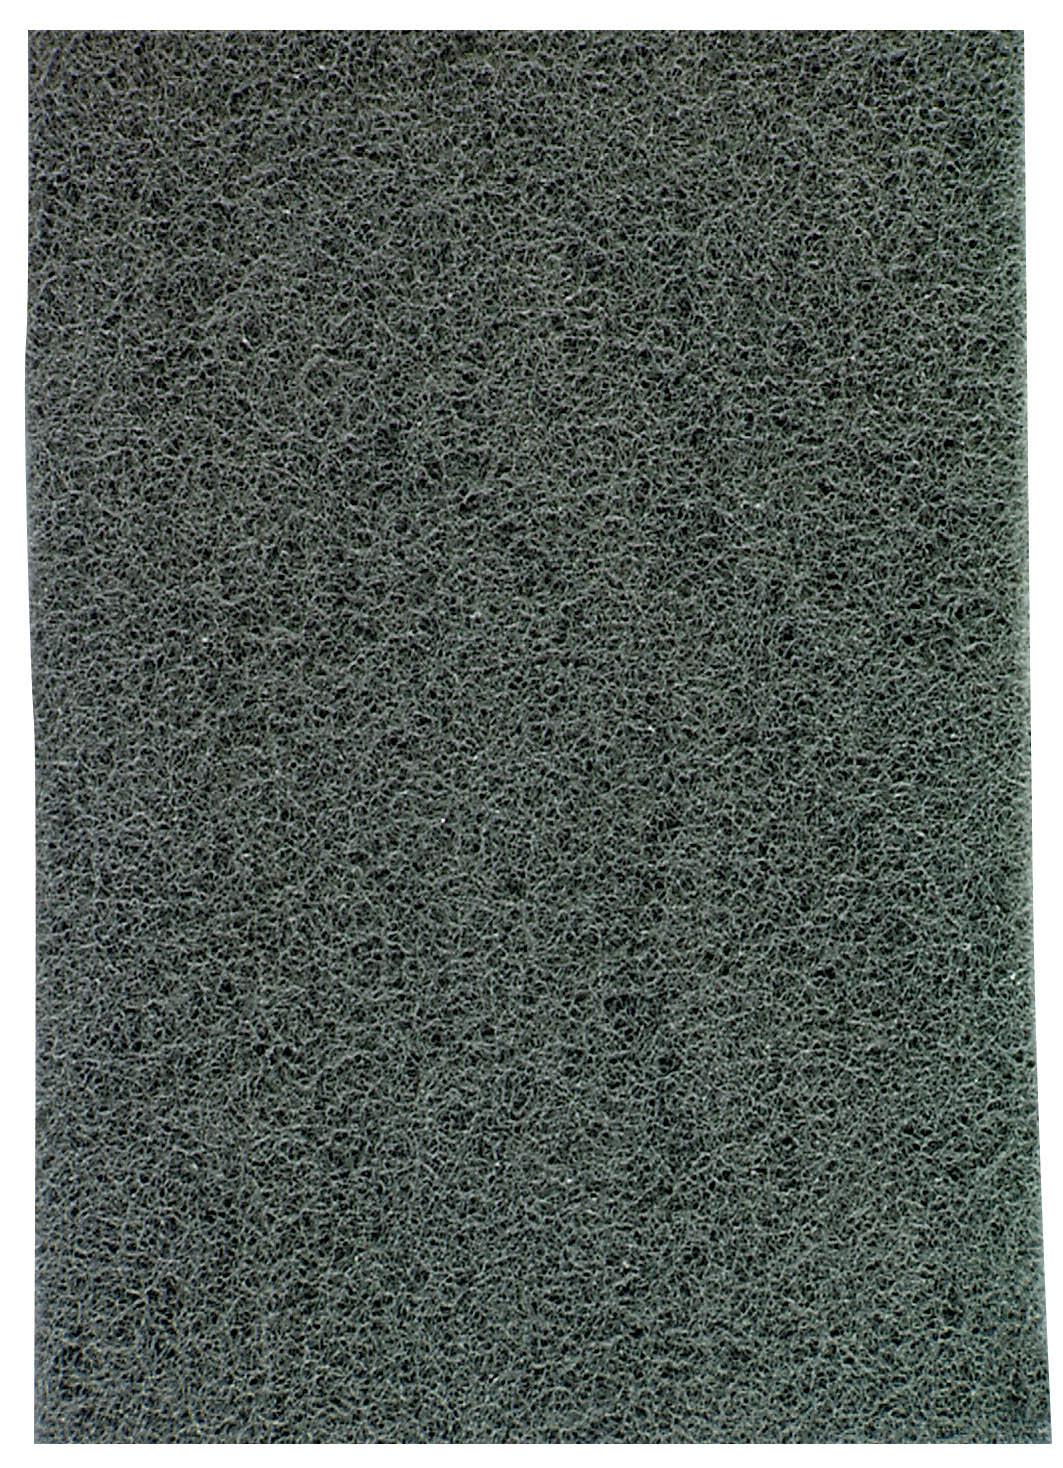 3M einzeln Handschleif-Pads grau ultrafine 7448